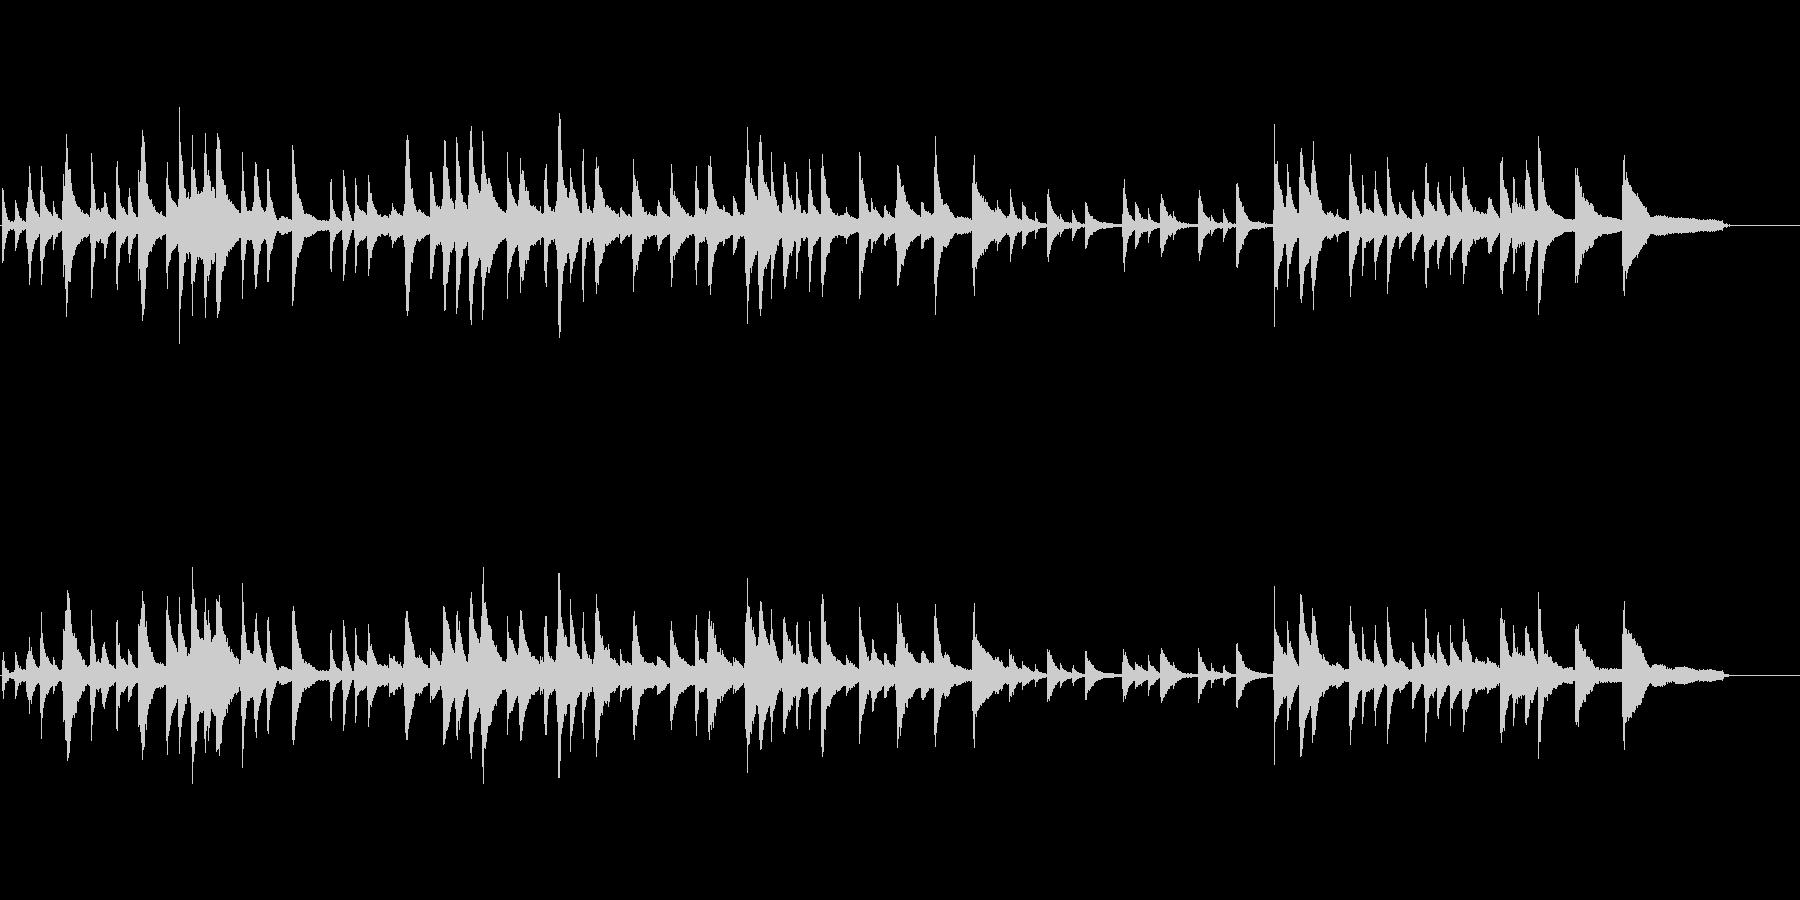 落ち着いたピアノトリオの未再生の波形